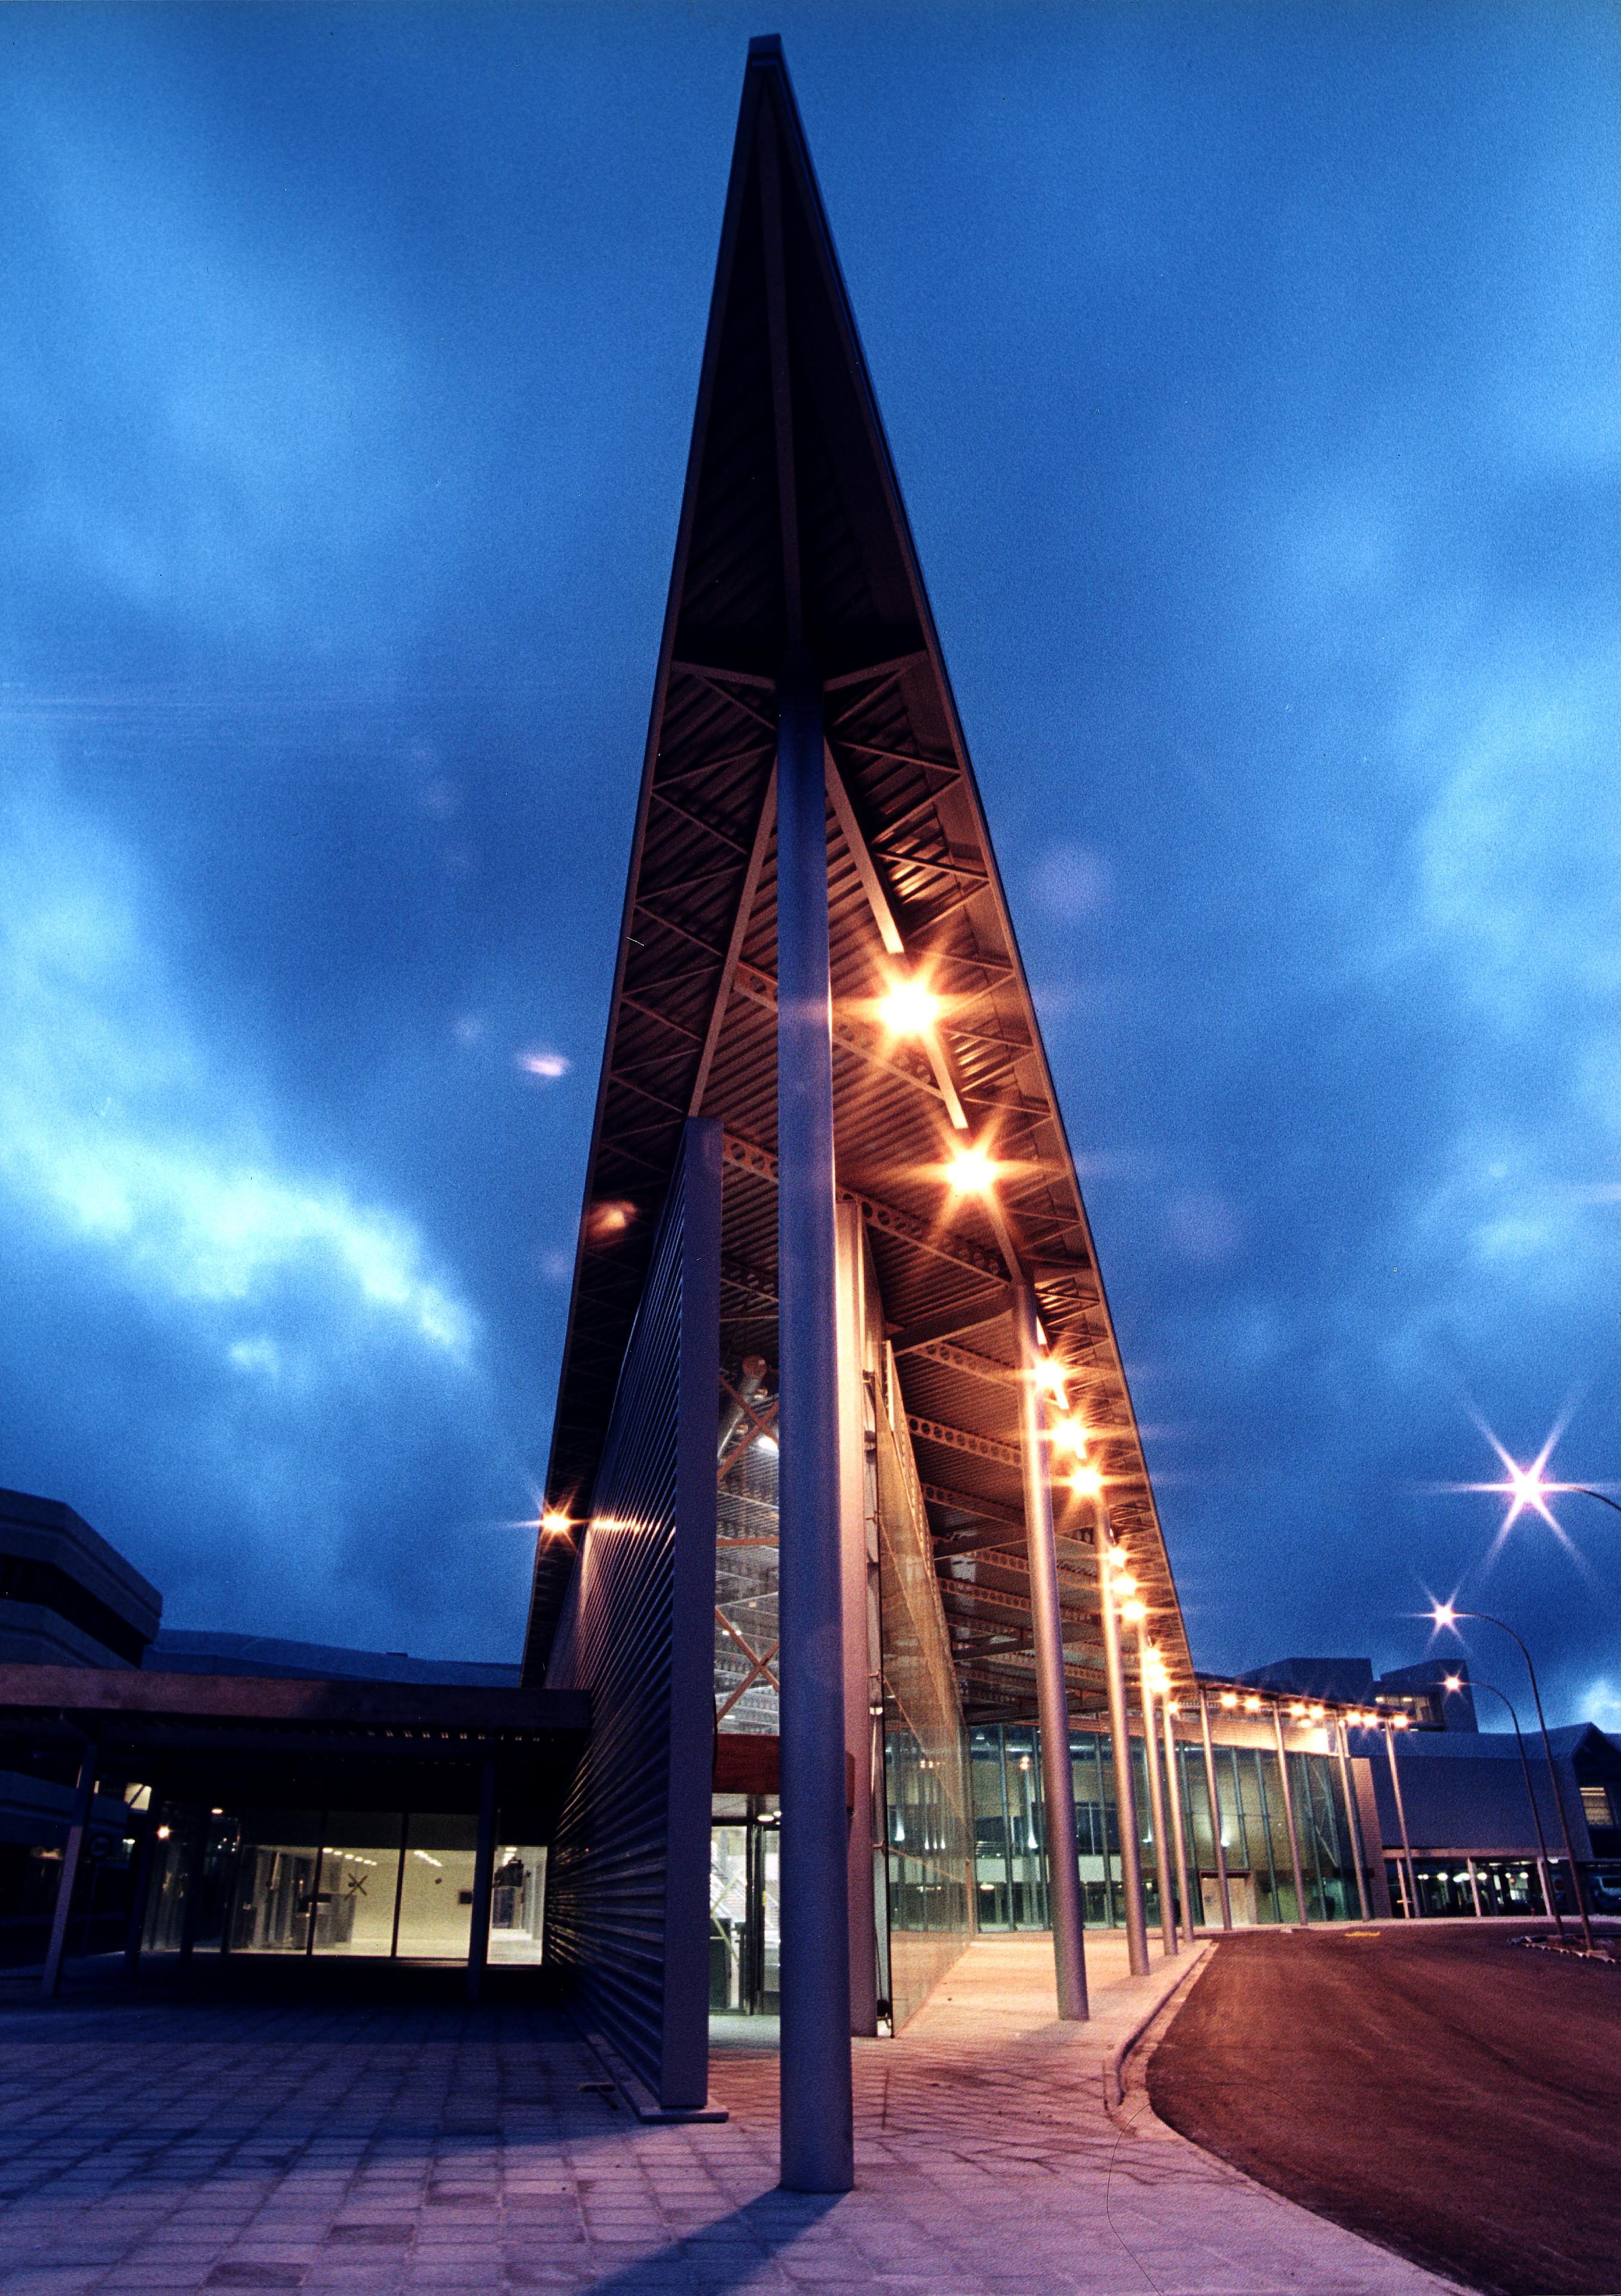 Edificio interislas  nocturna